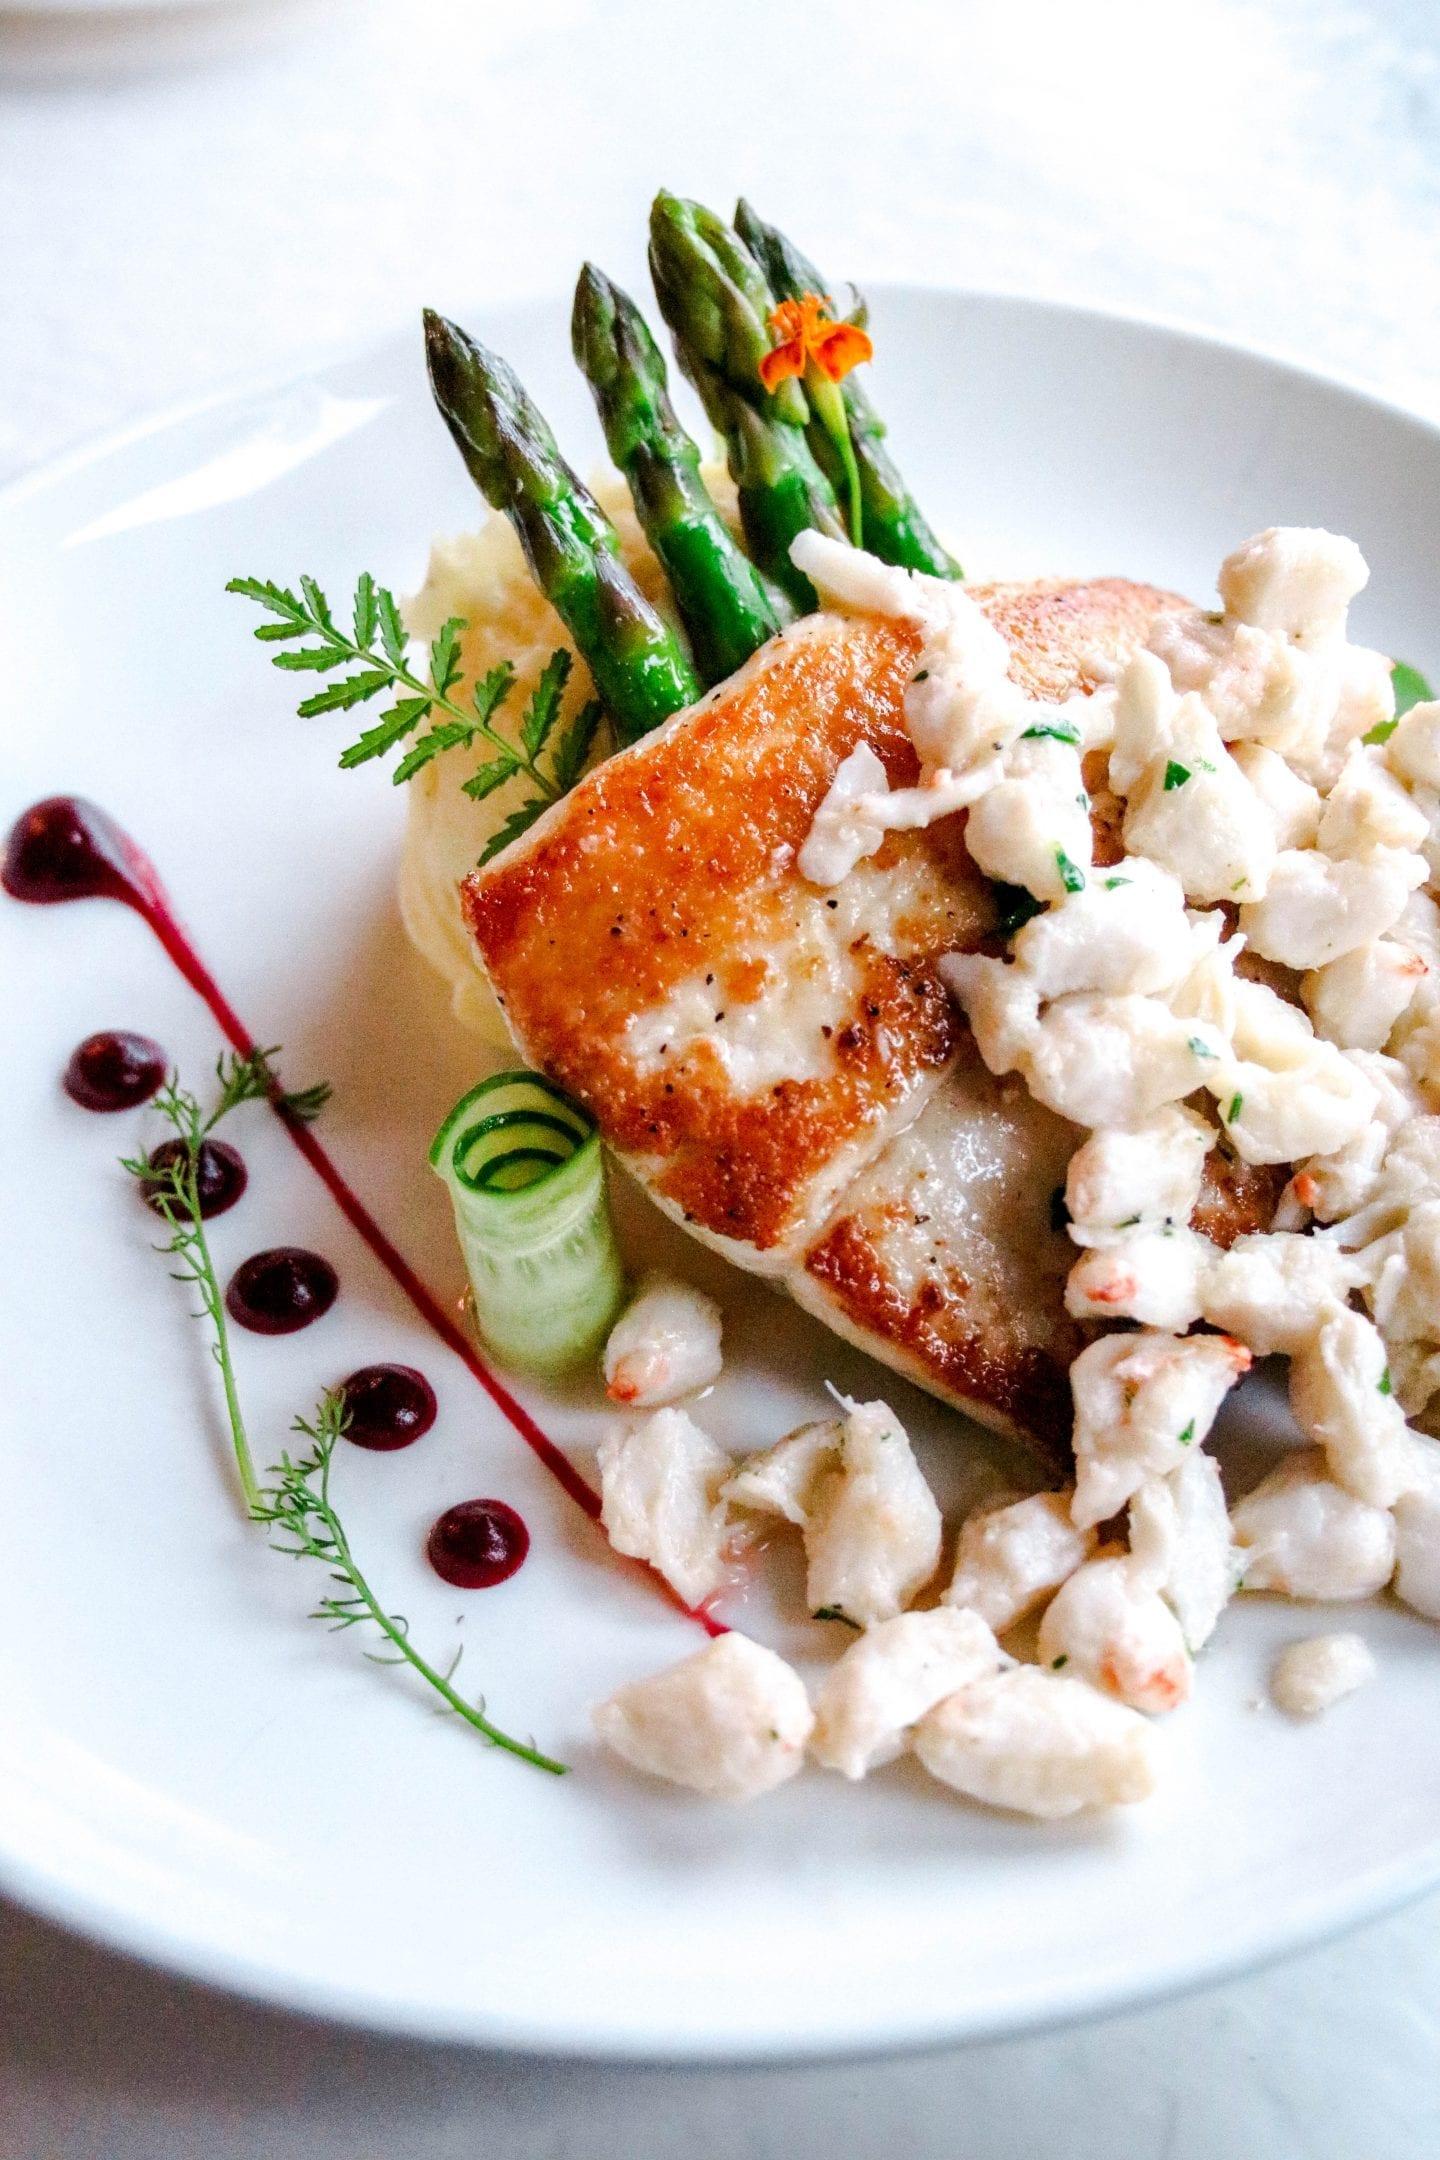 Mackinac Island Restaurants: My Top 13